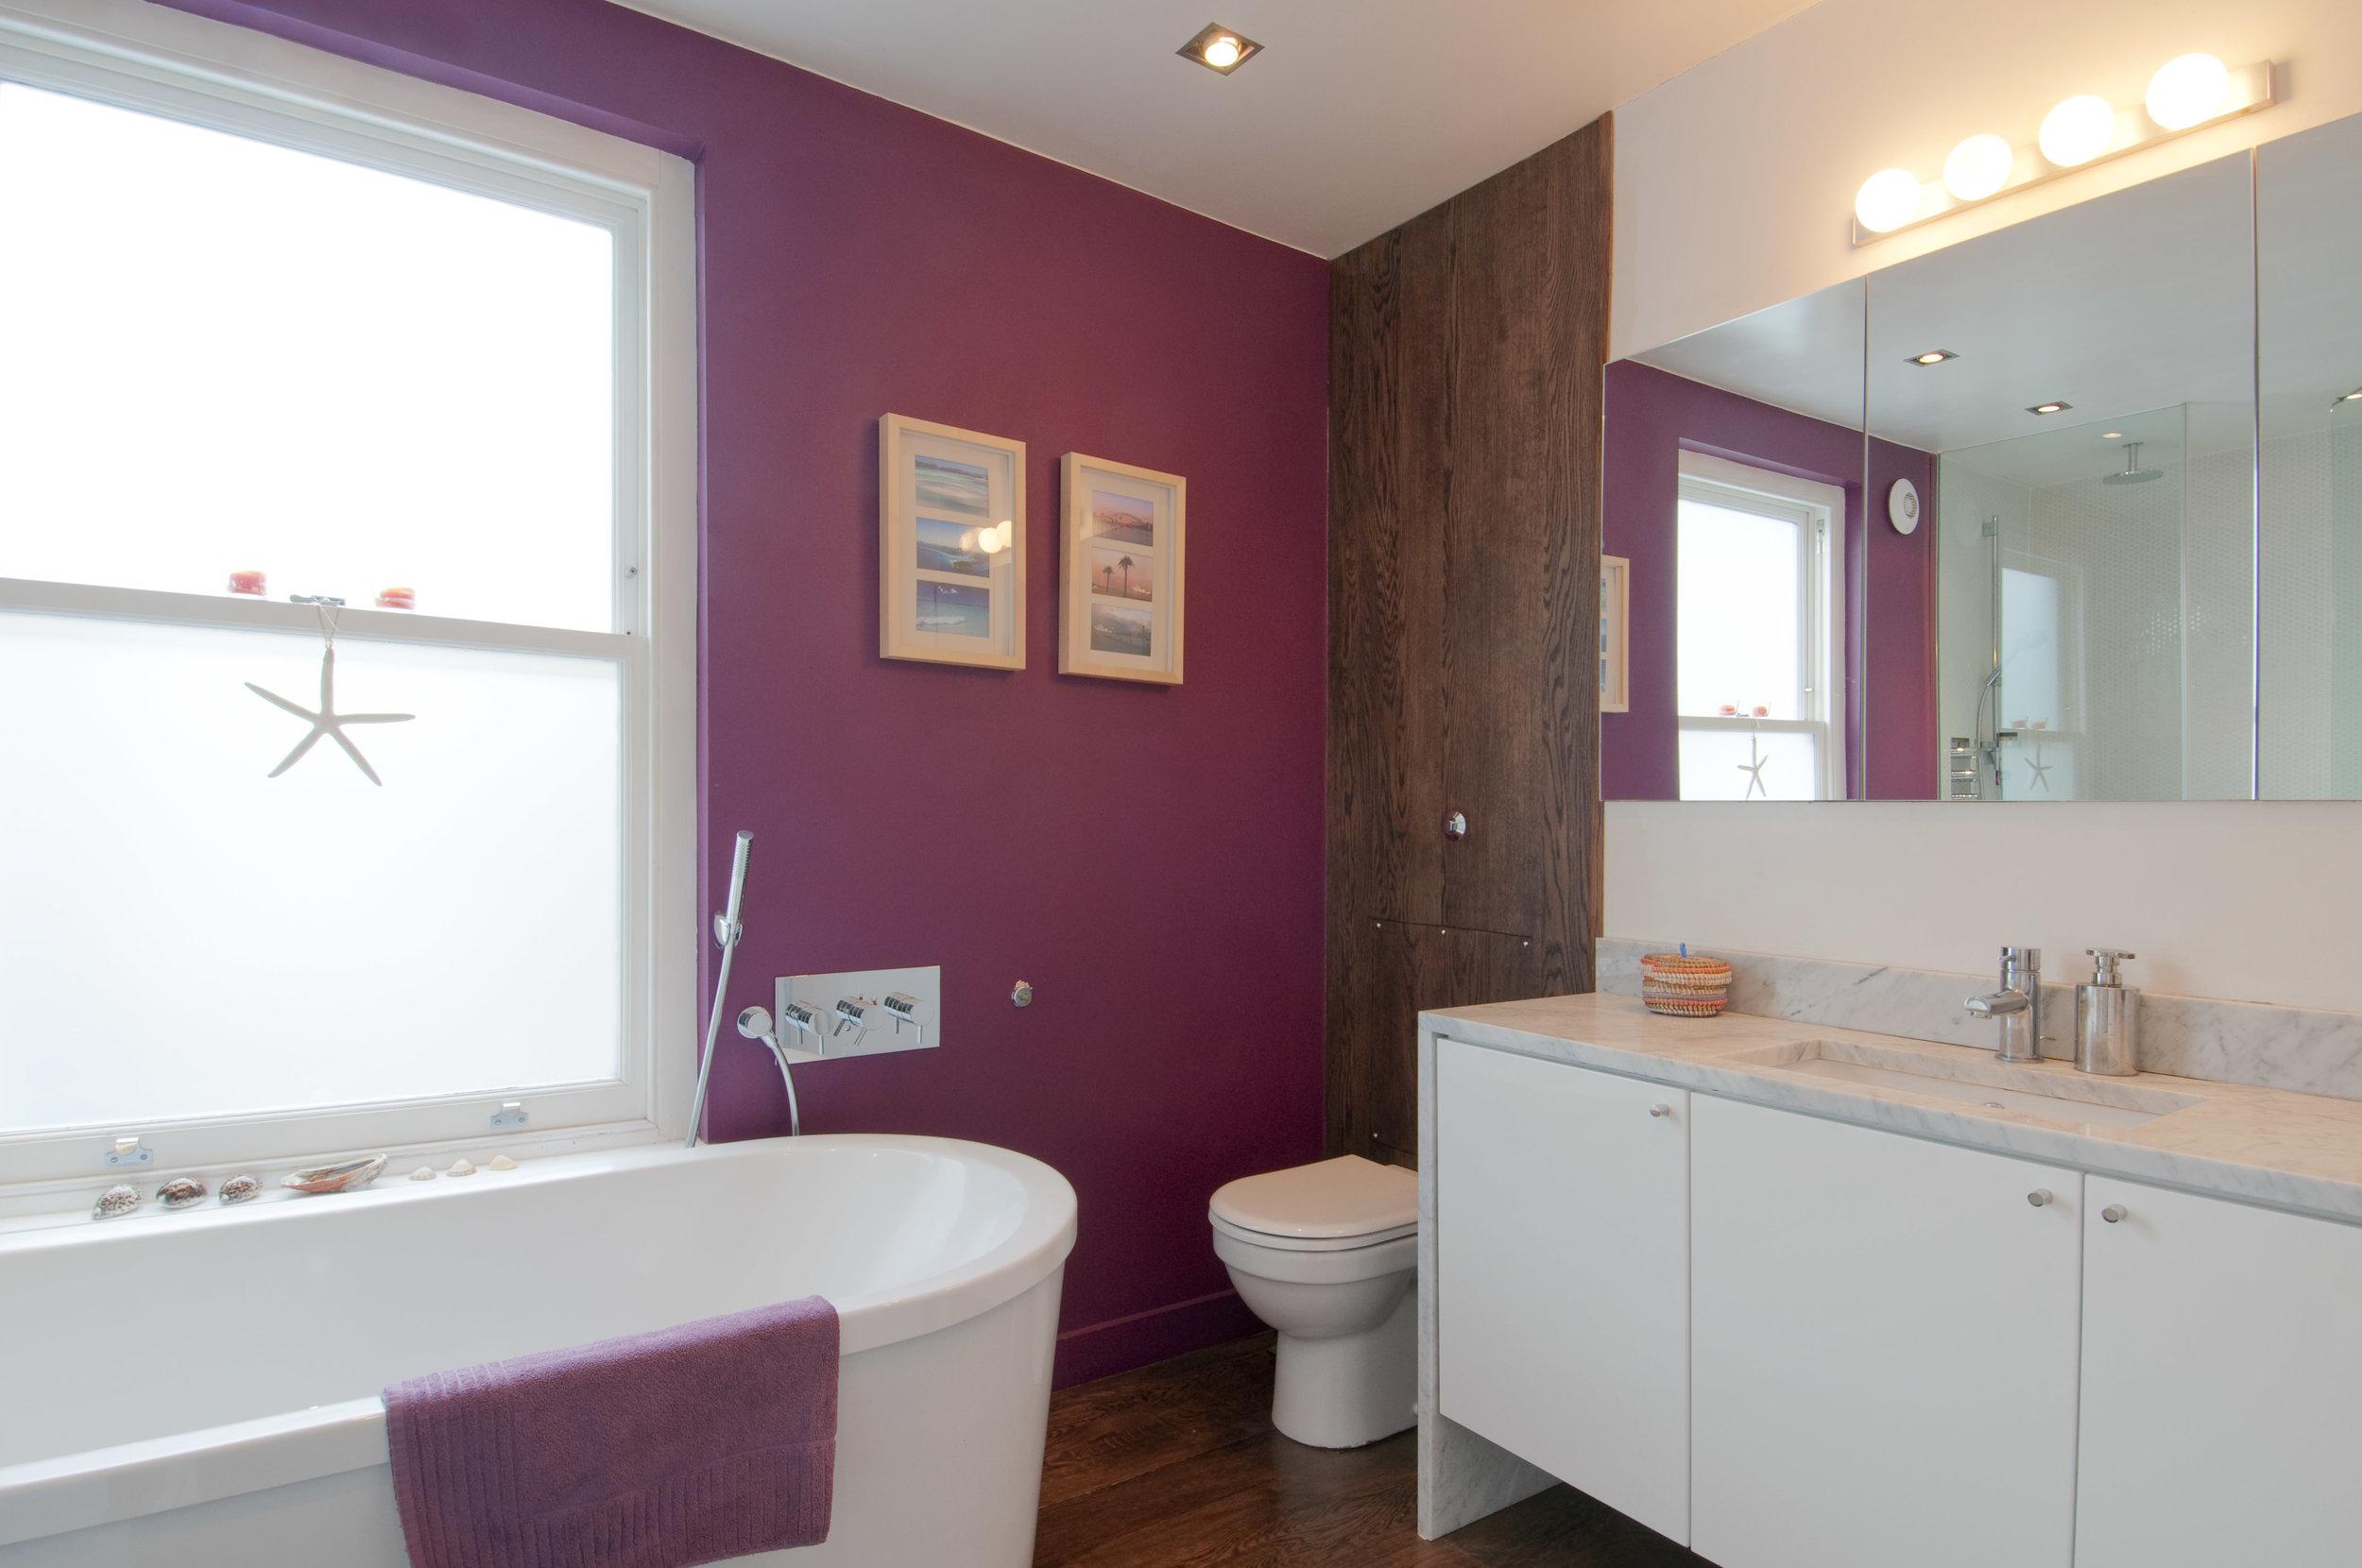 Queens Park bathroom interior